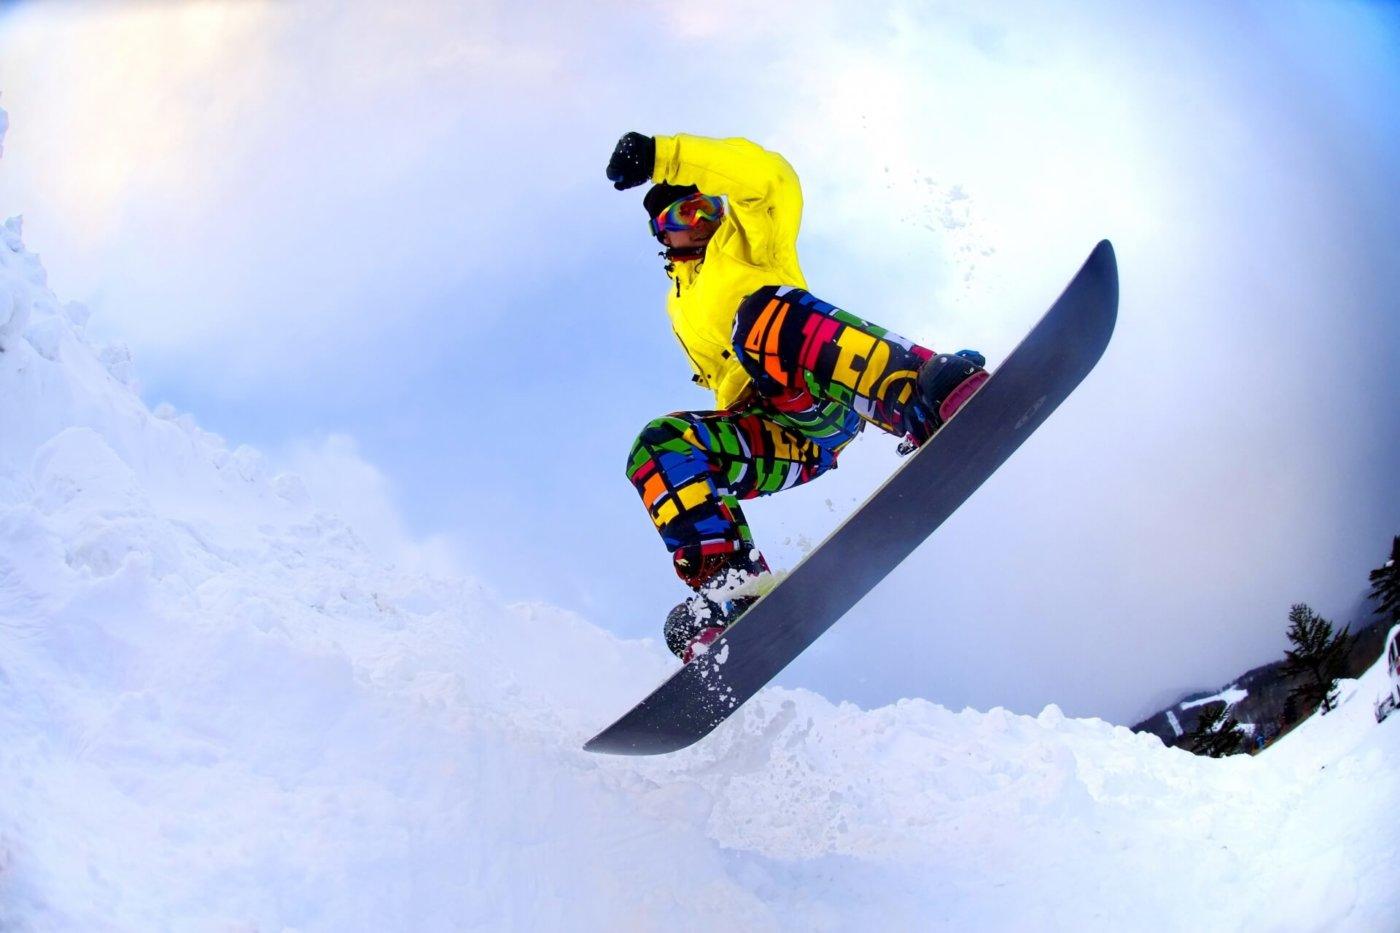 初めてでも安心!スノーボードツアーのイロハを伝授